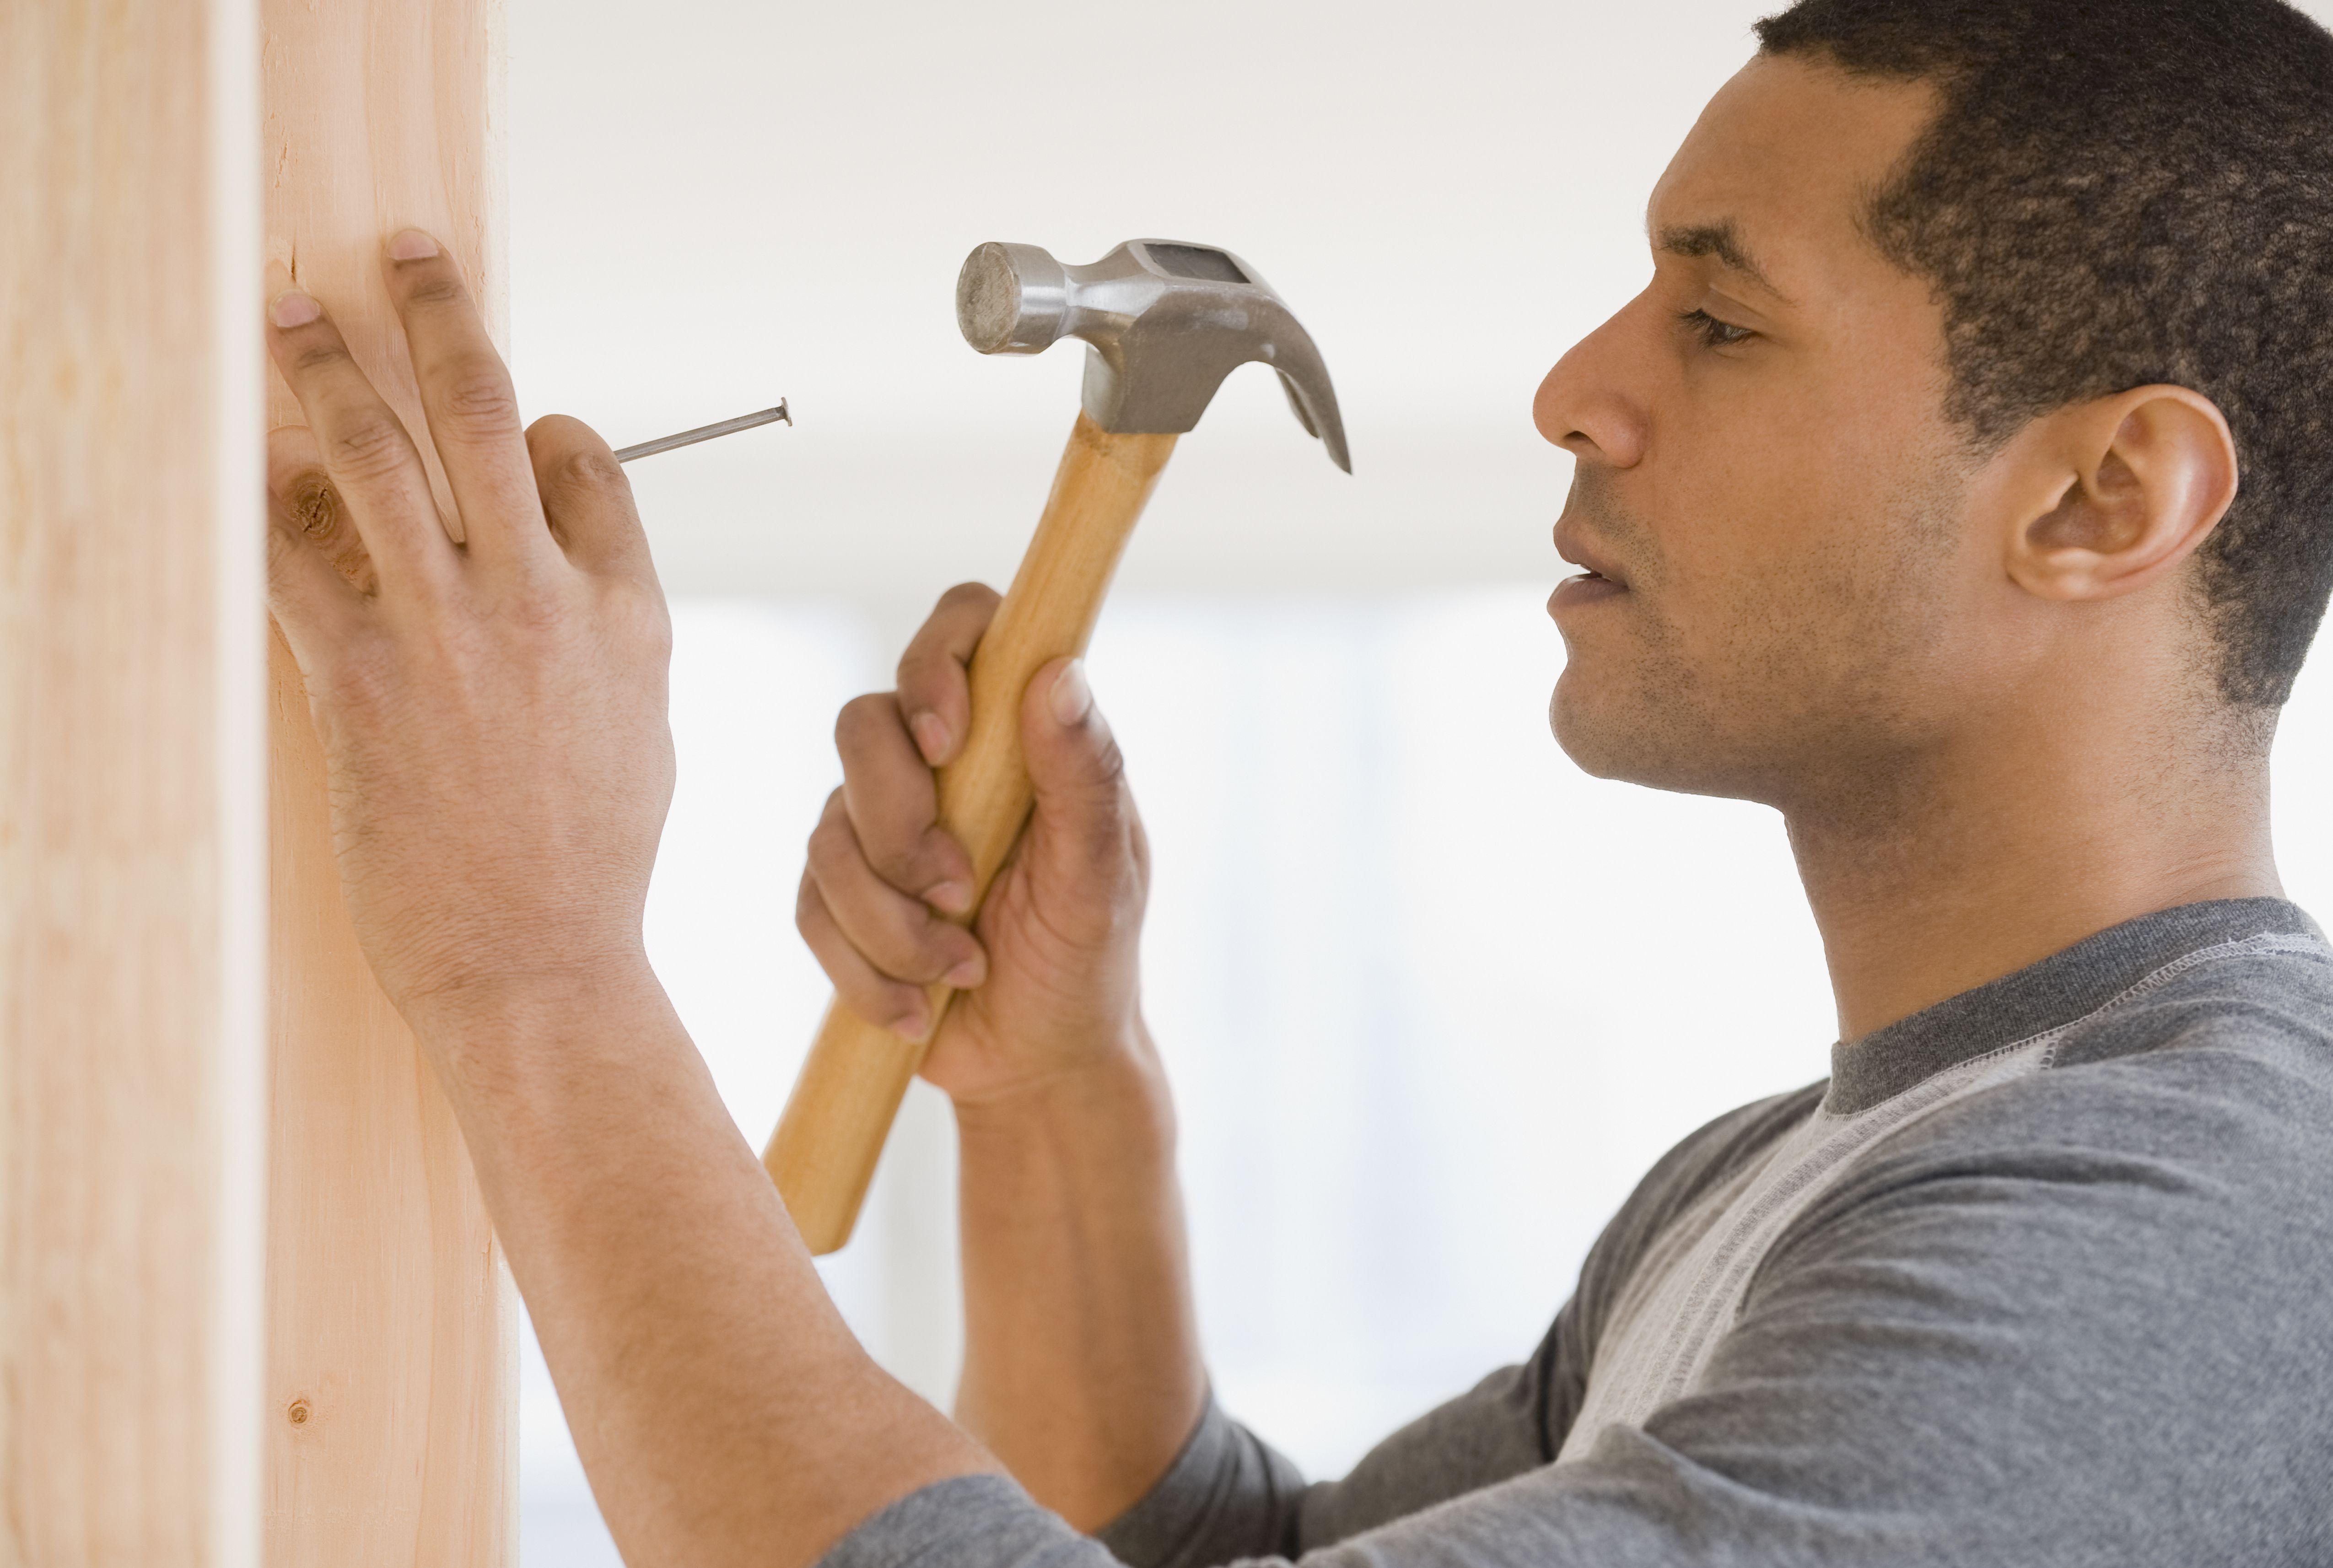 African man hammering nail